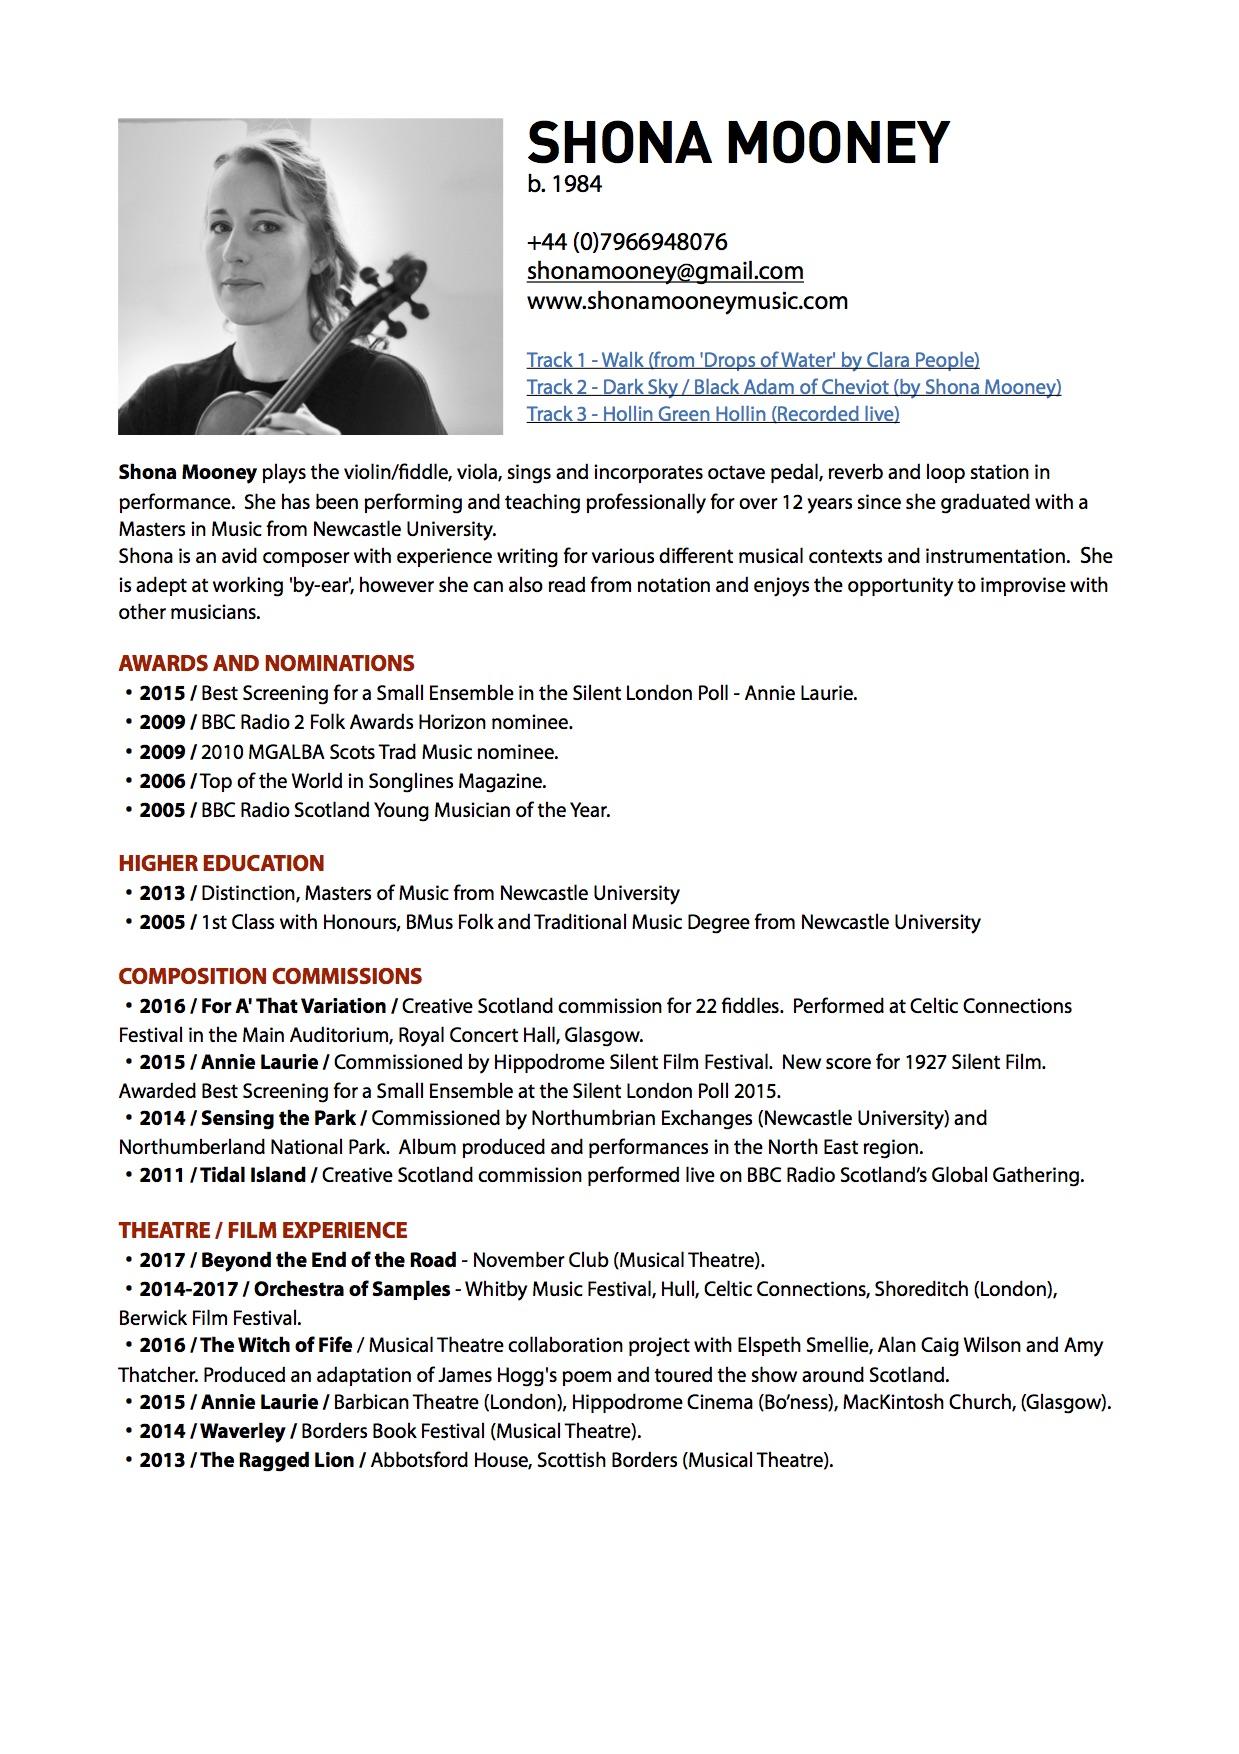 Shona Mooney CV (Strings).jpg